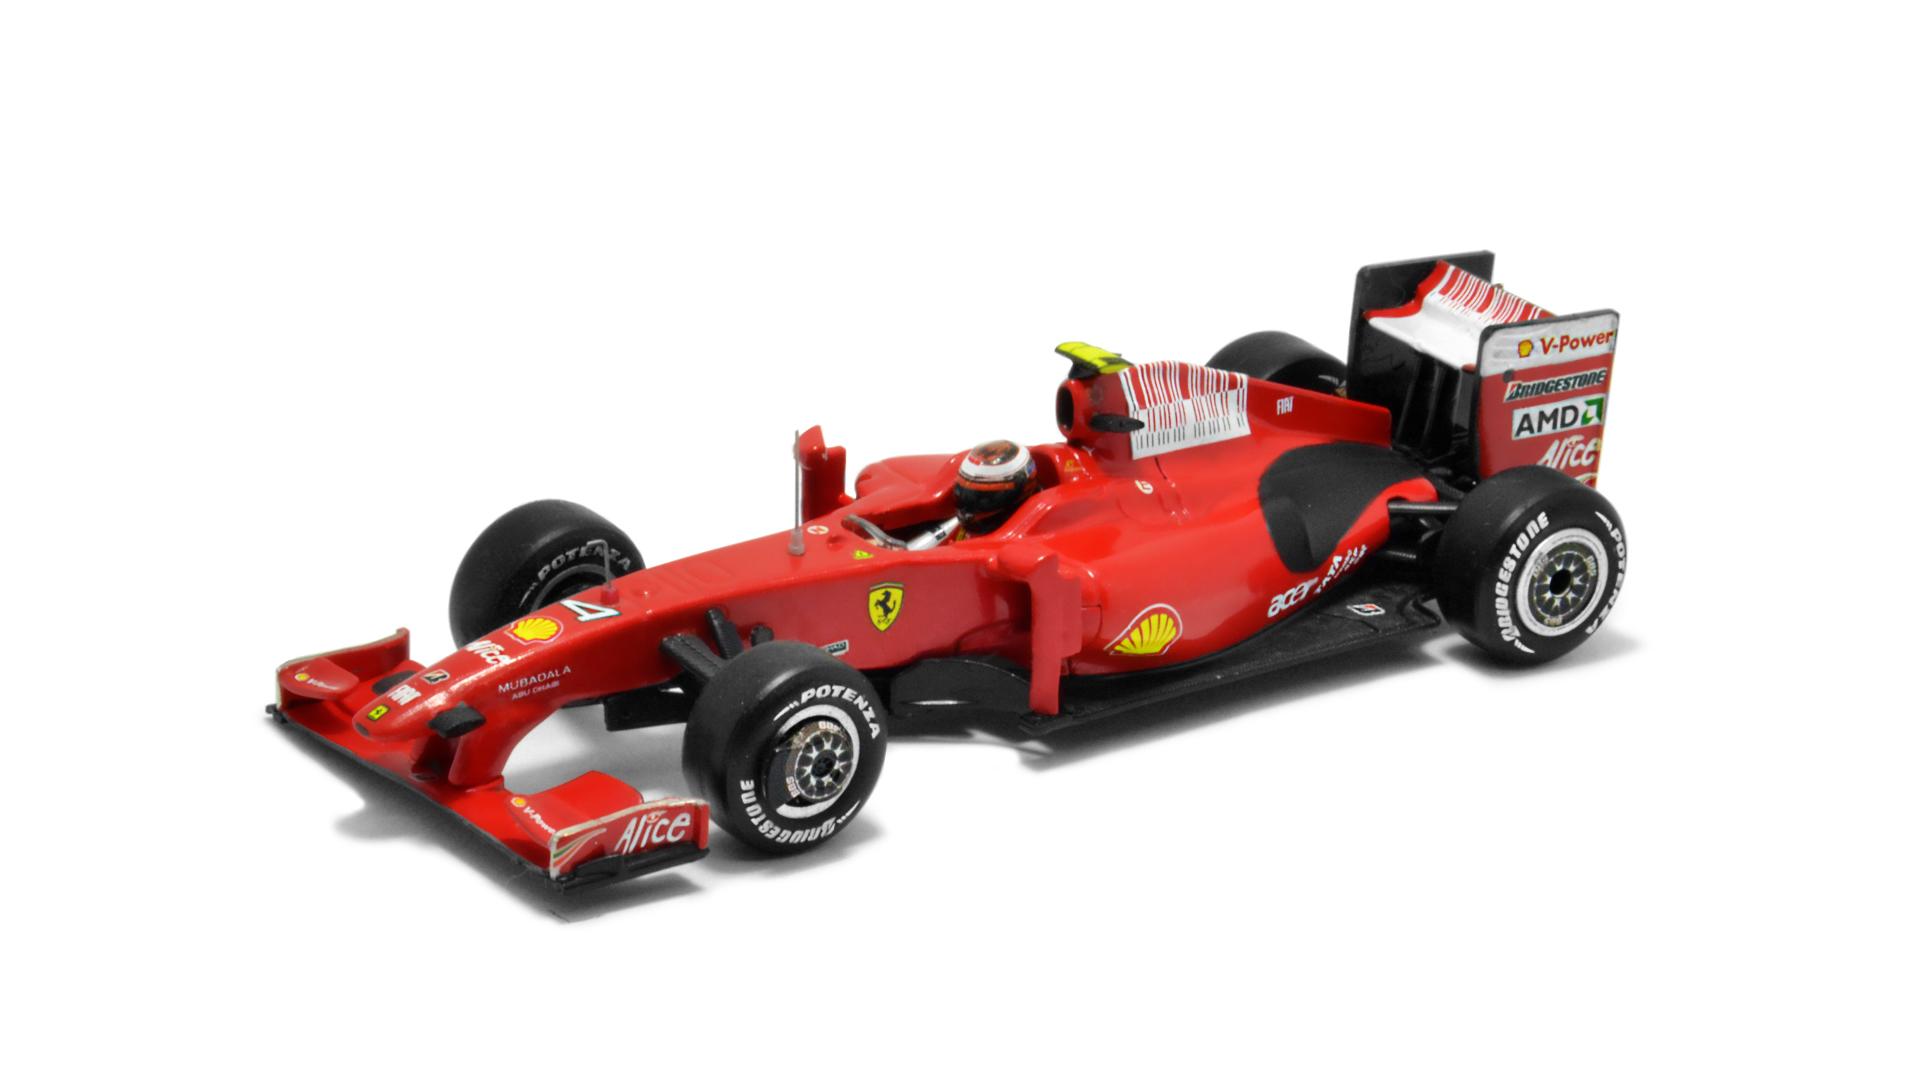 Év: 2009<br />Modell: F60<br />Gyártó: Hot Wheels<br />Pilóta: Kimi Räikkönen